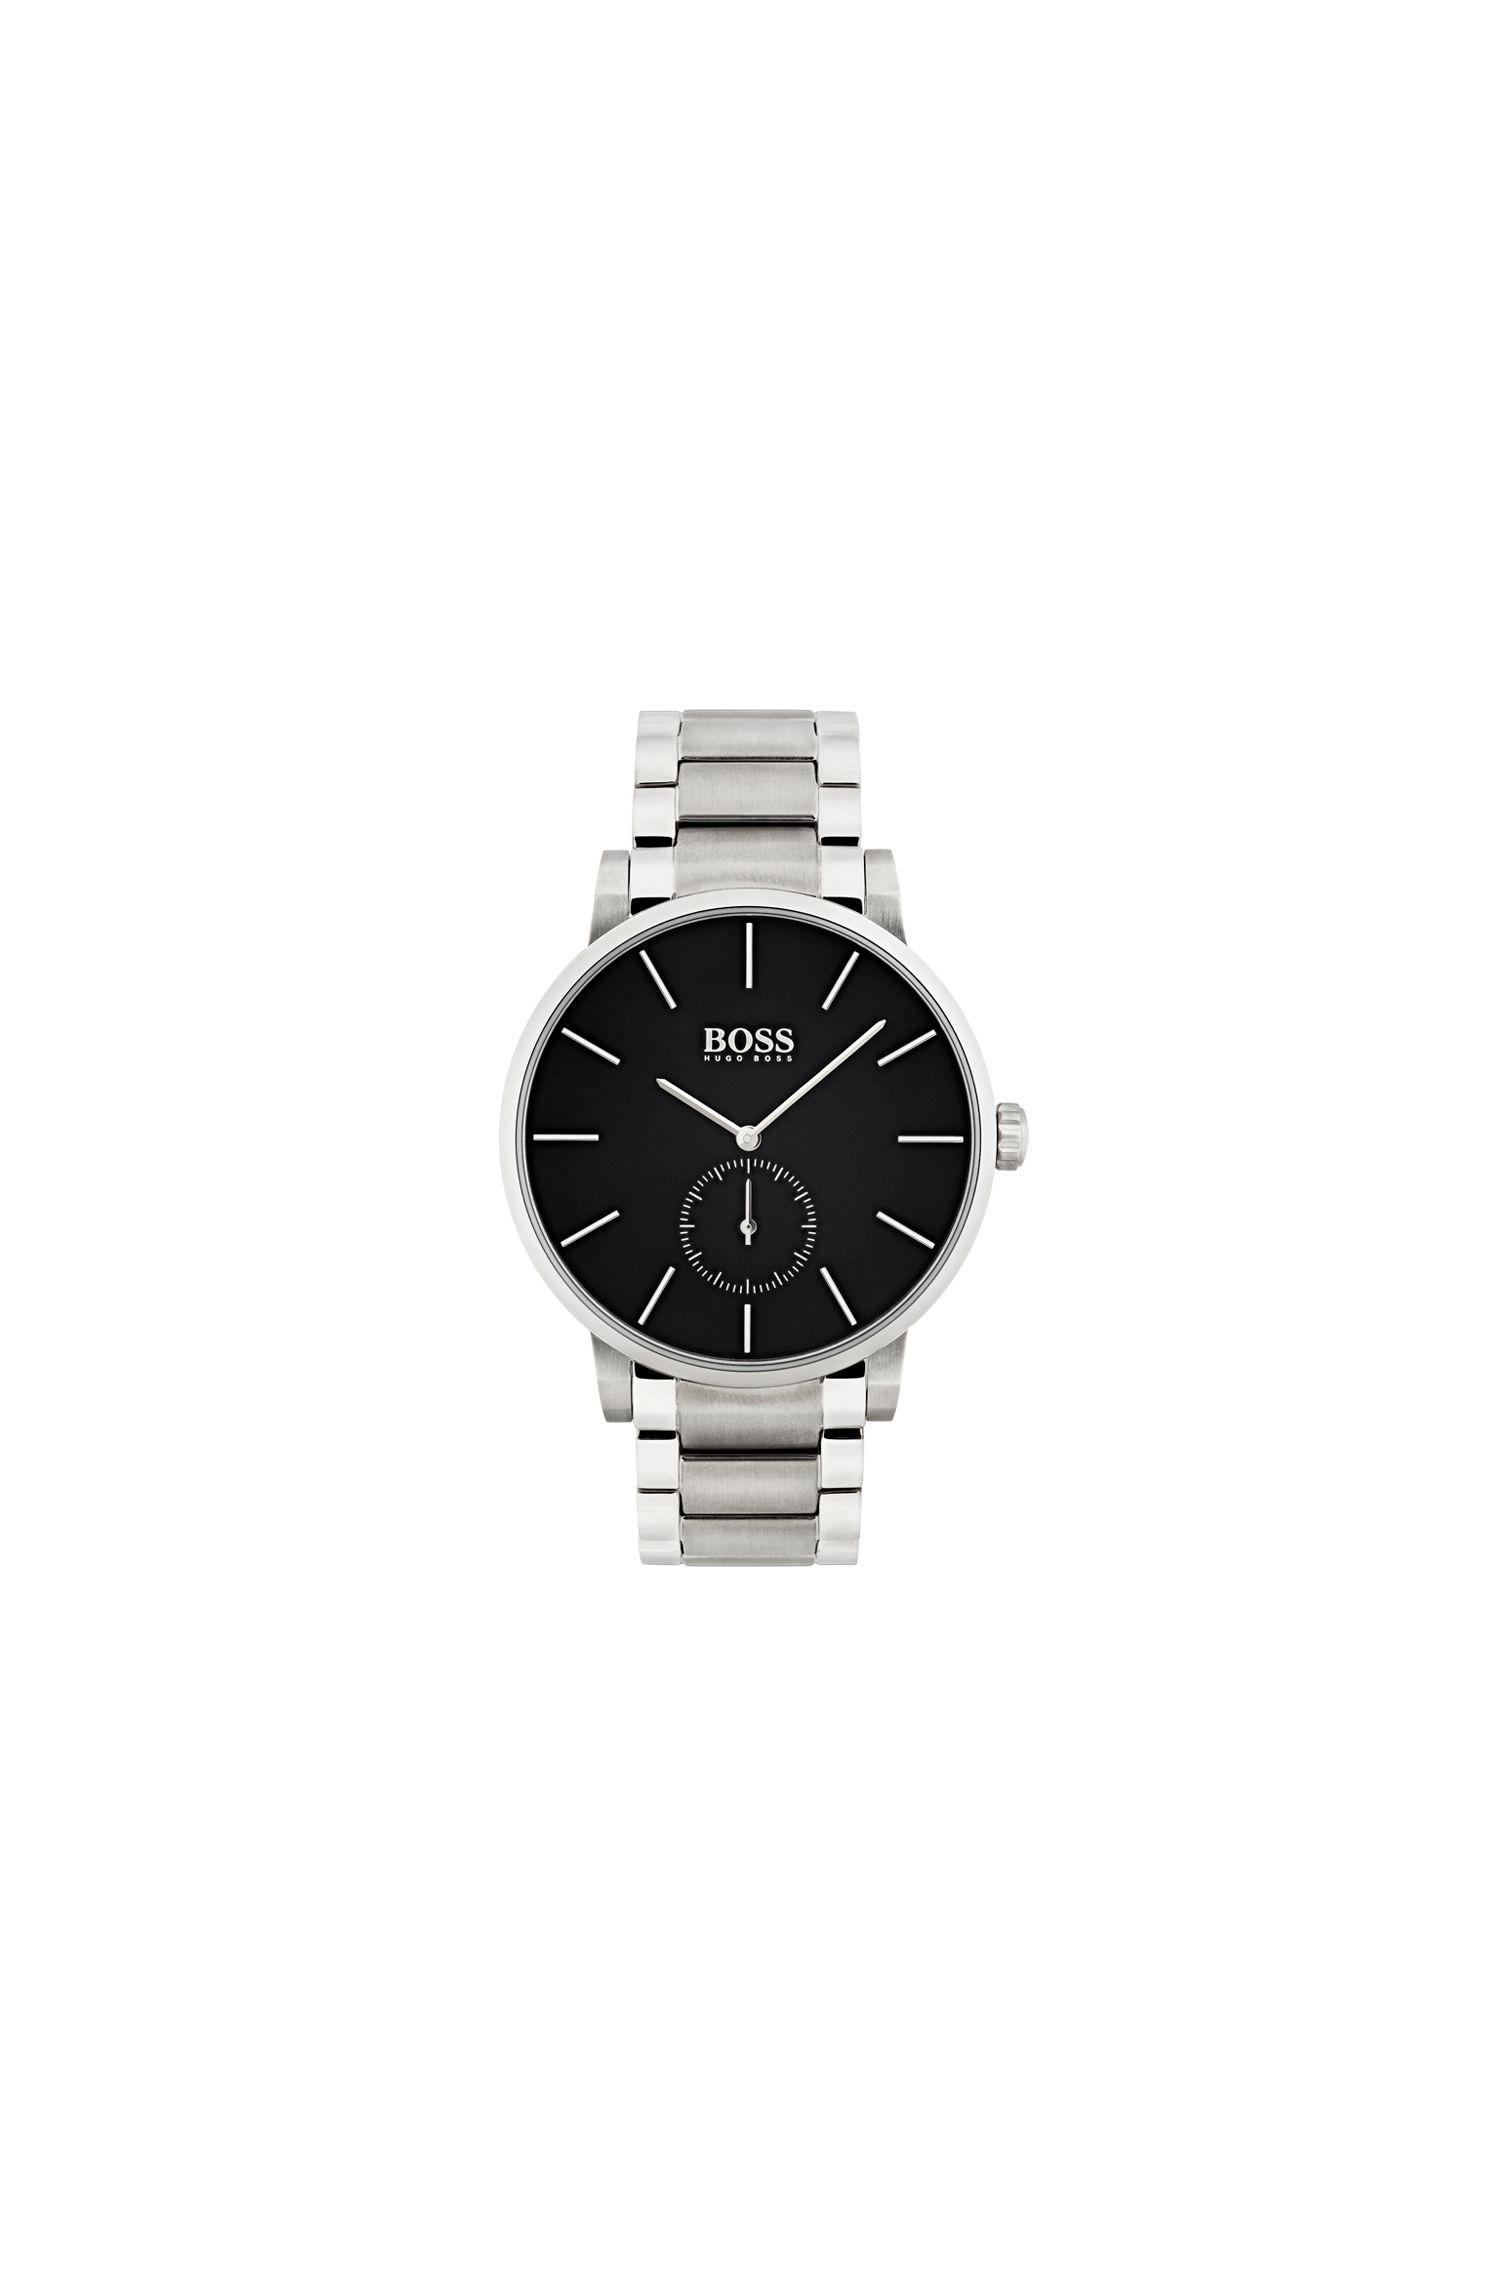 Montre-bracelet en acier inoxydable à cadran noir